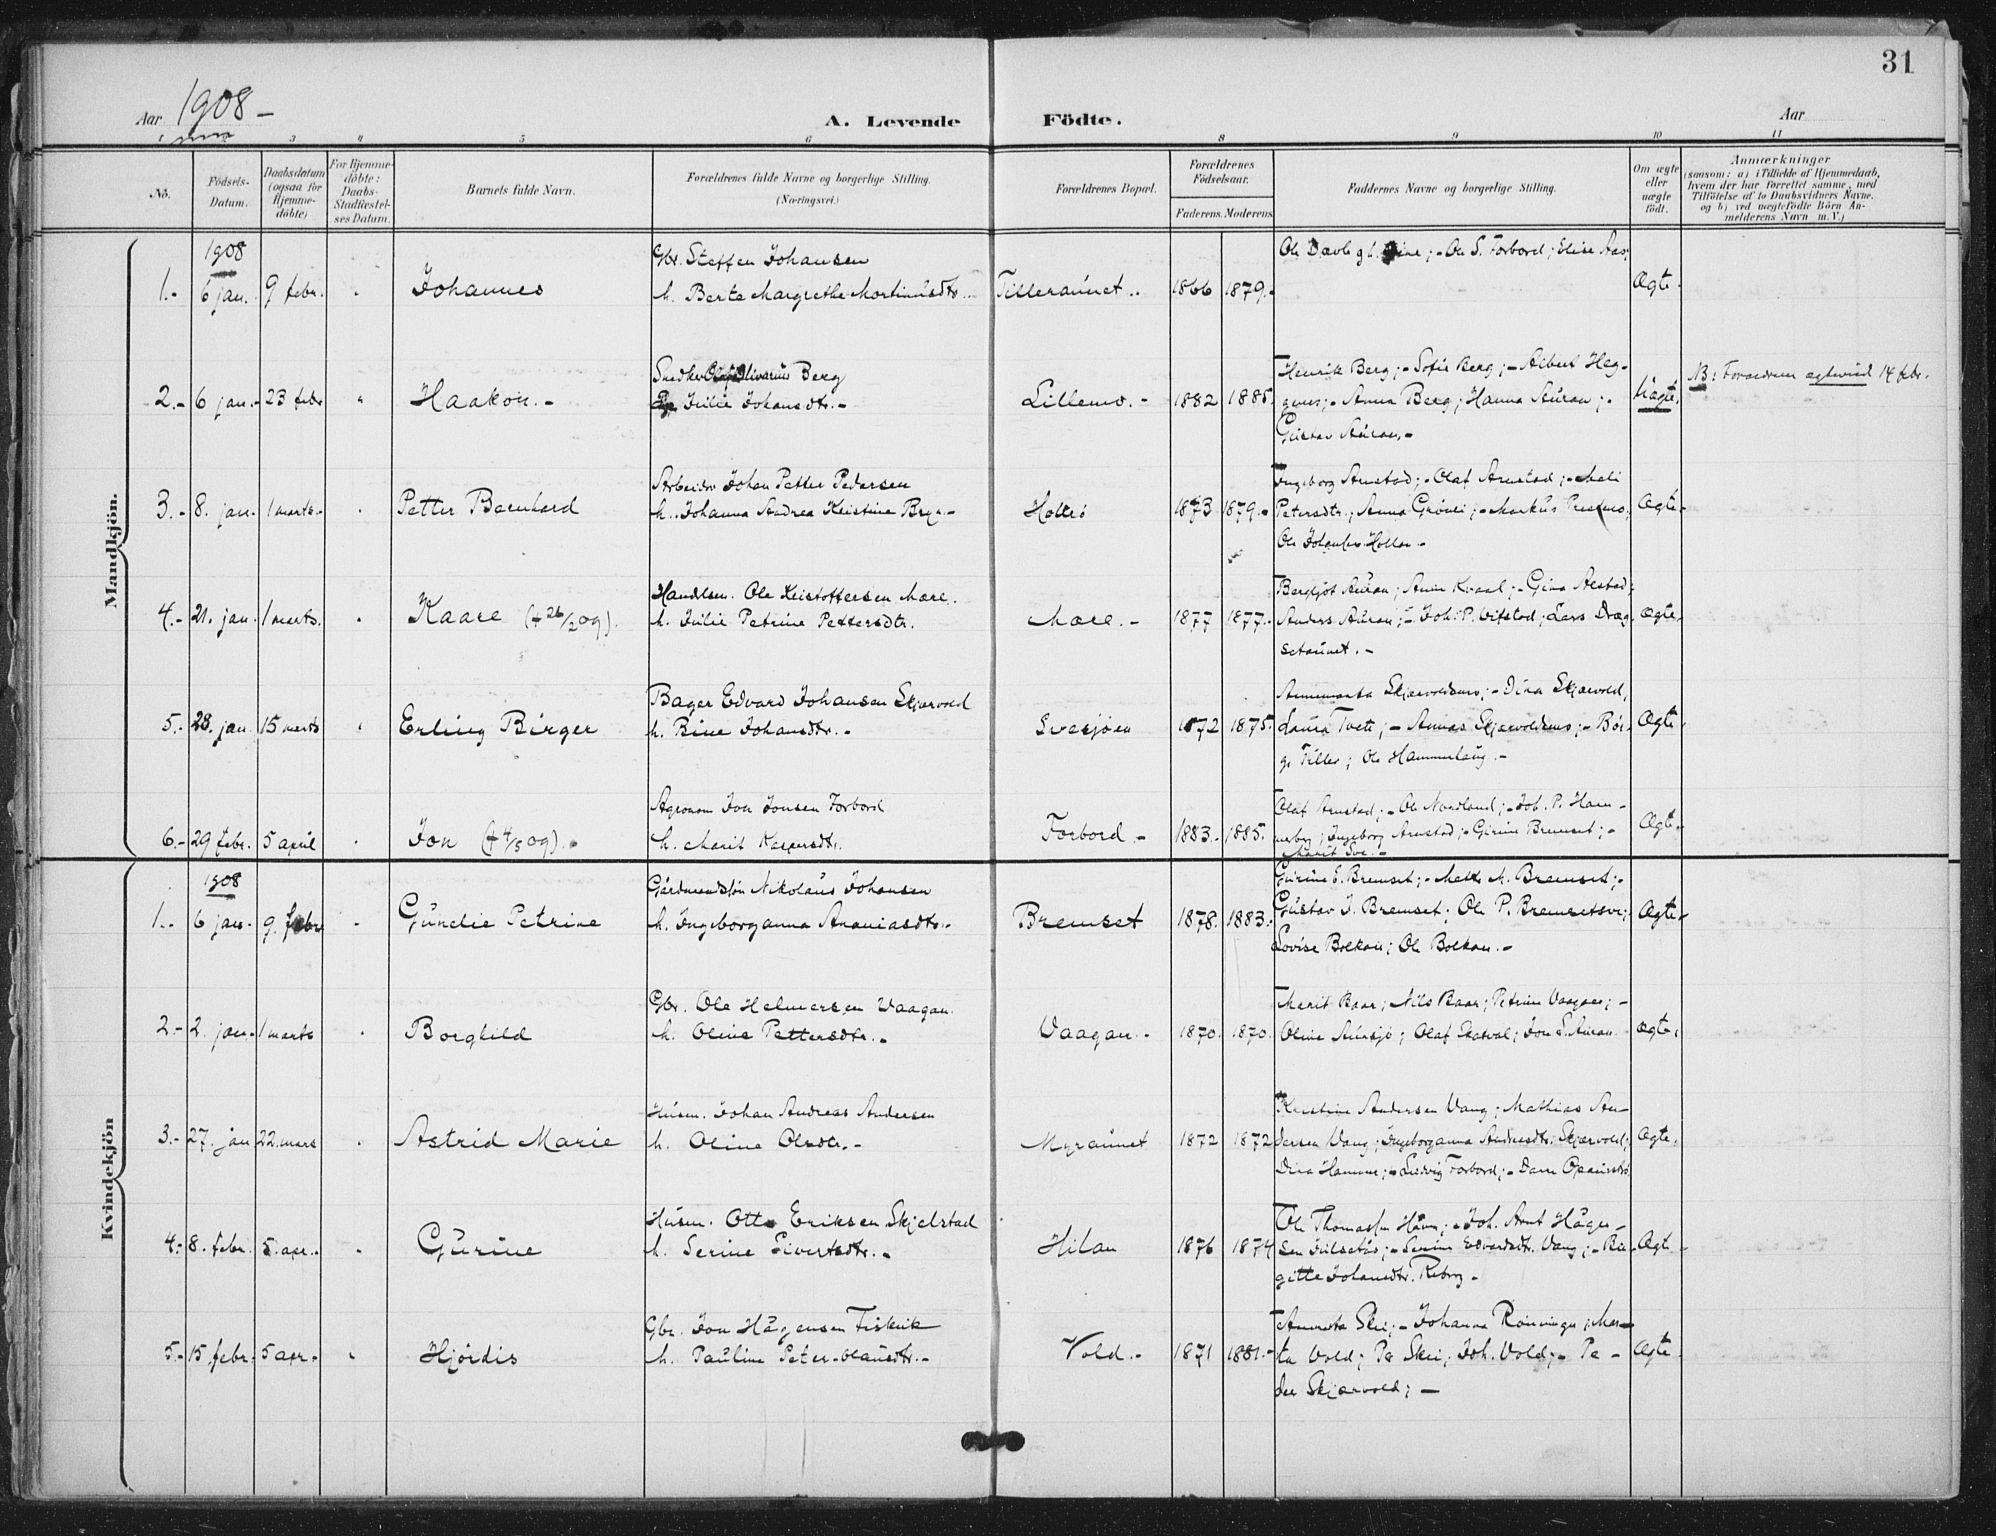 SAT, Ministerialprotokoller, klokkerbøker og fødselsregistre - Nord-Trøndelag, 712/L0101: Ministerialbok nr. 712A02, 1901-1916, s. 31